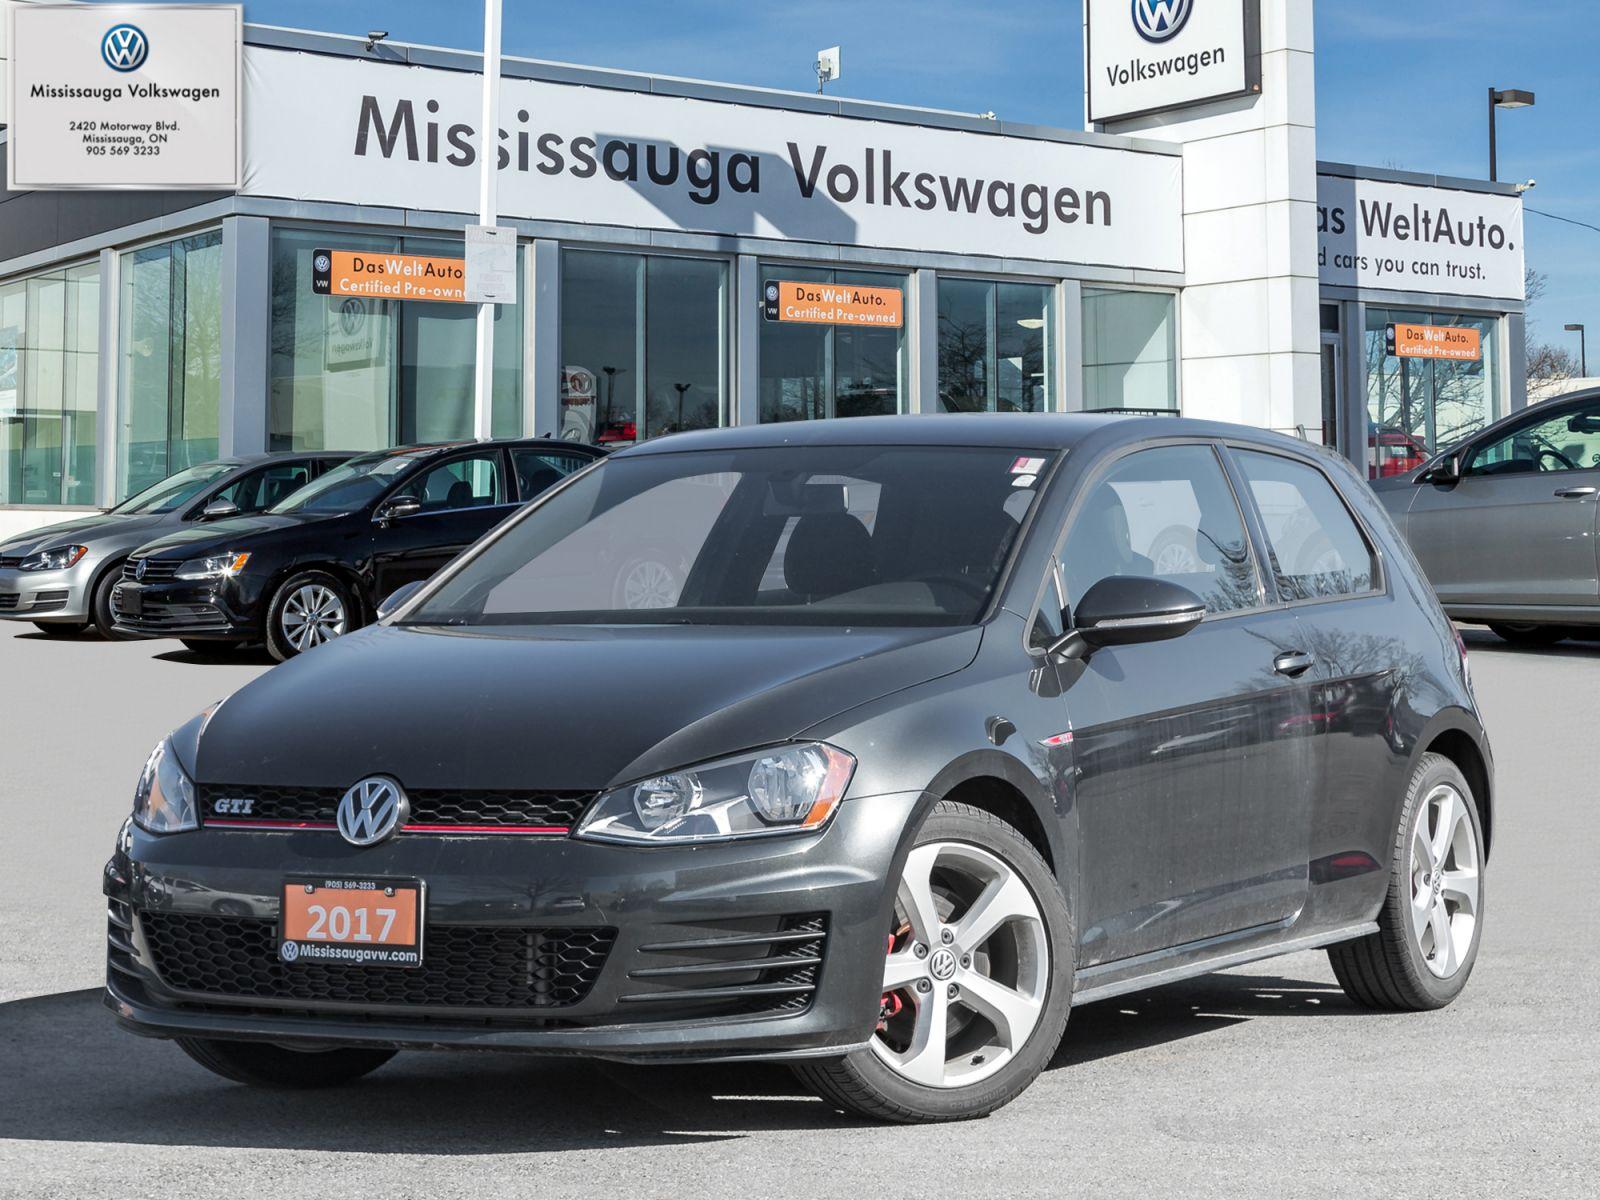 2017 Volkswagen Golf GTI Image